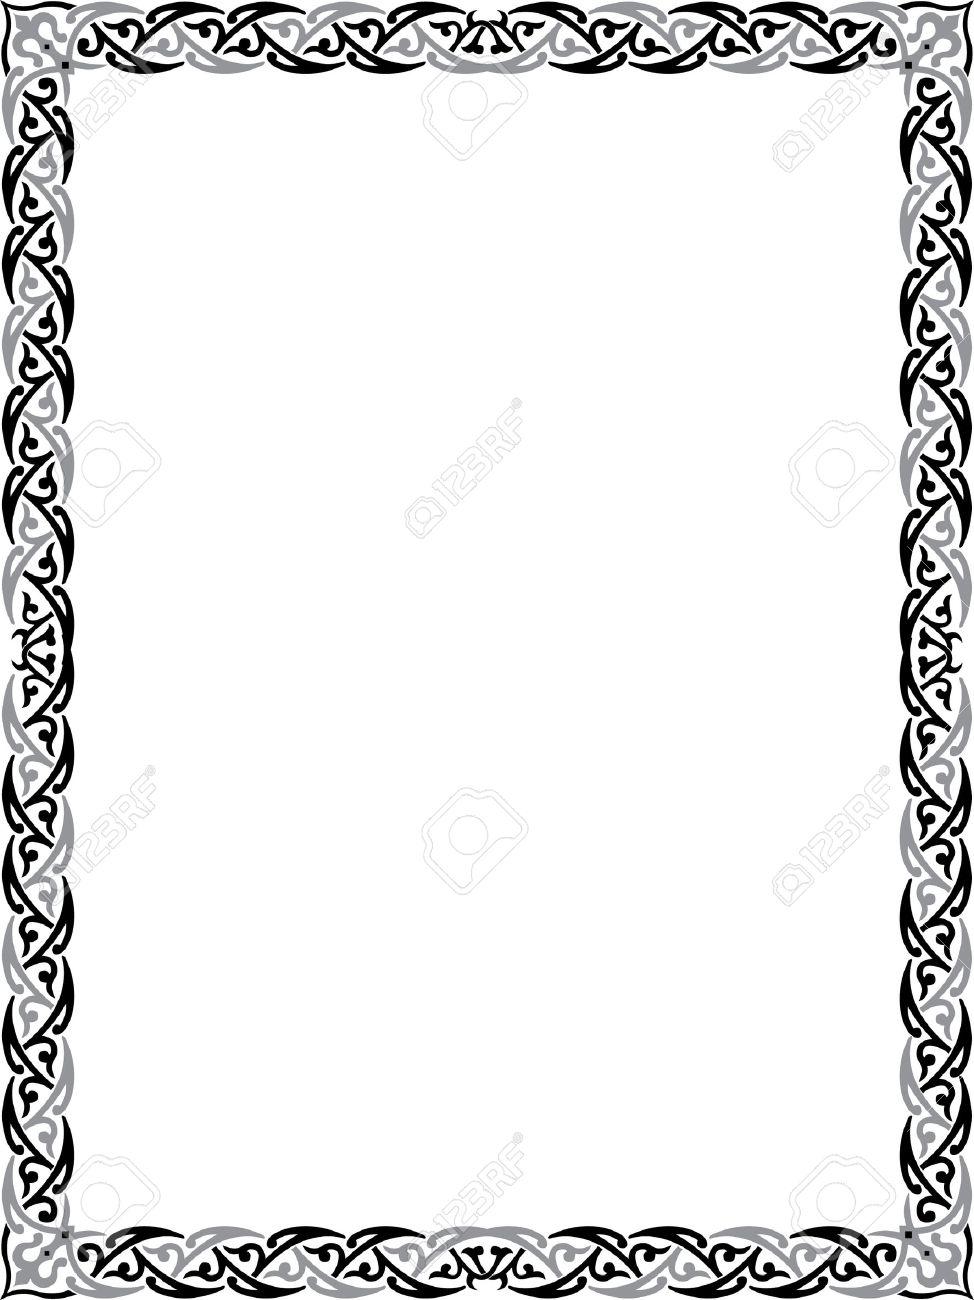 Cadre Bordure cadre de bordure élégante clip art libres de droits , vecteurs et